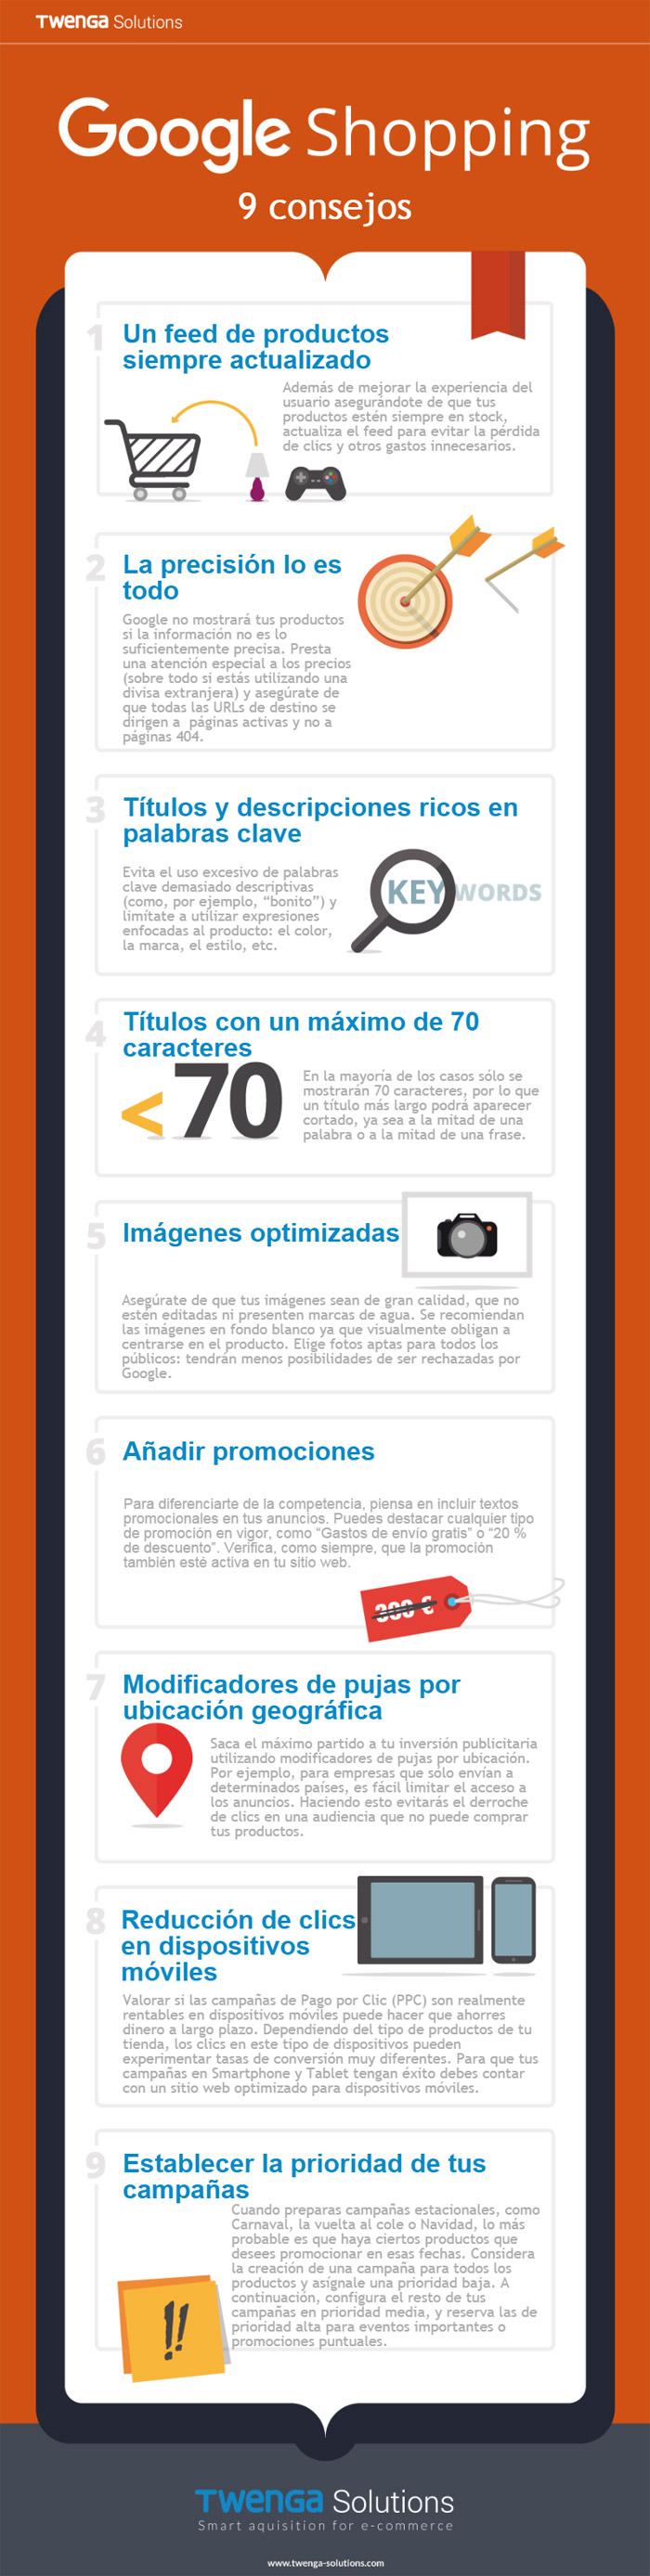 infografía-google-shopping_lg